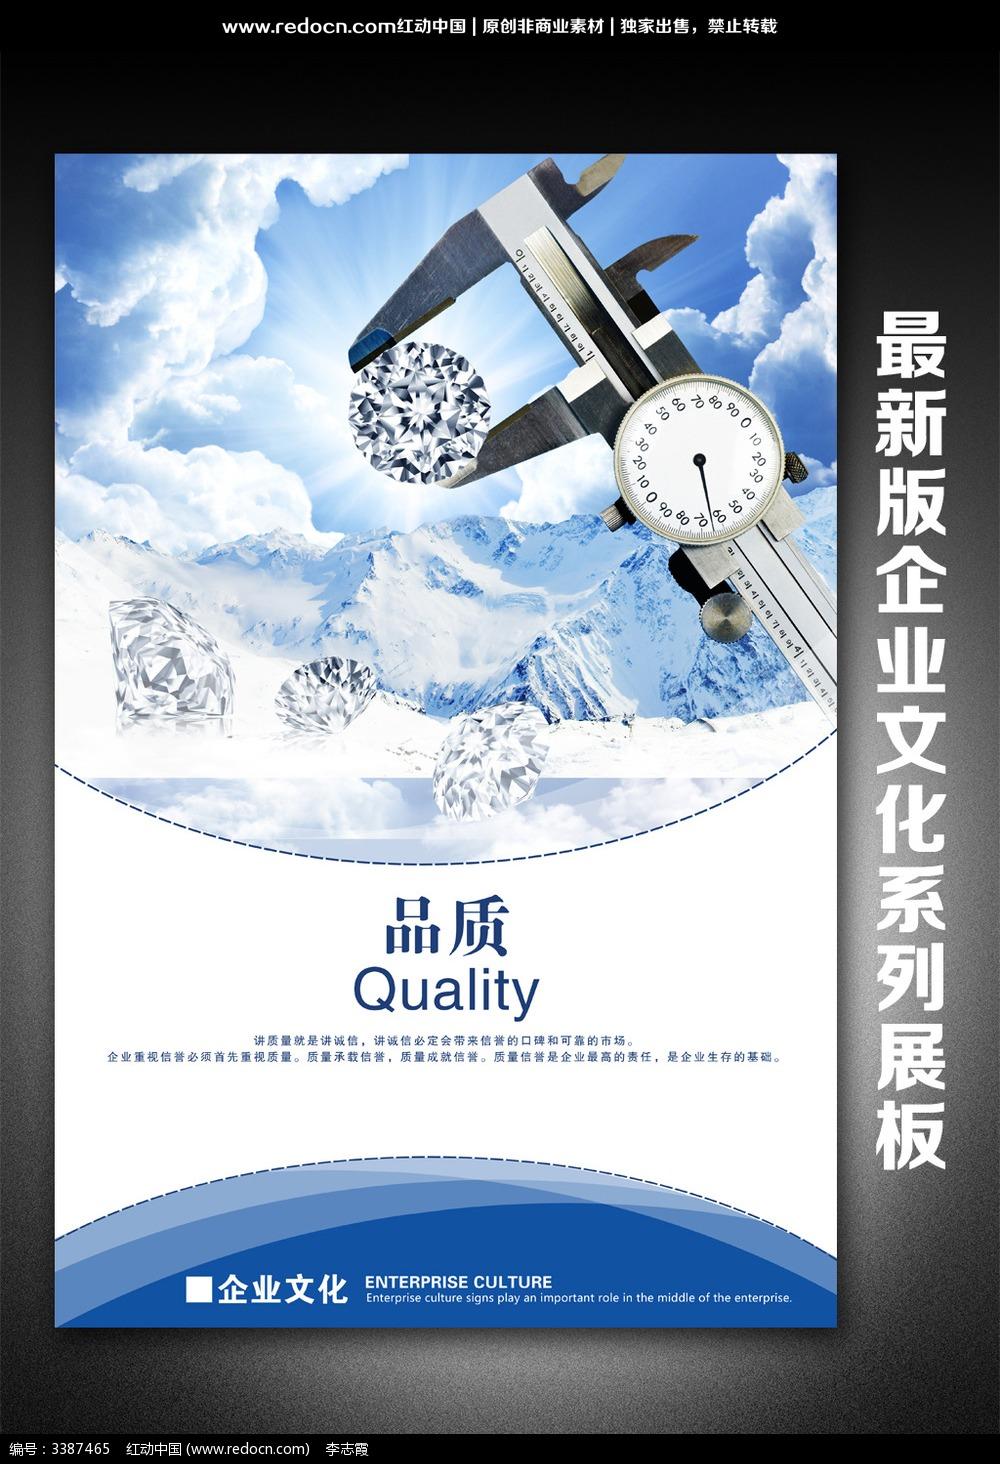 品质企业文化标语展板